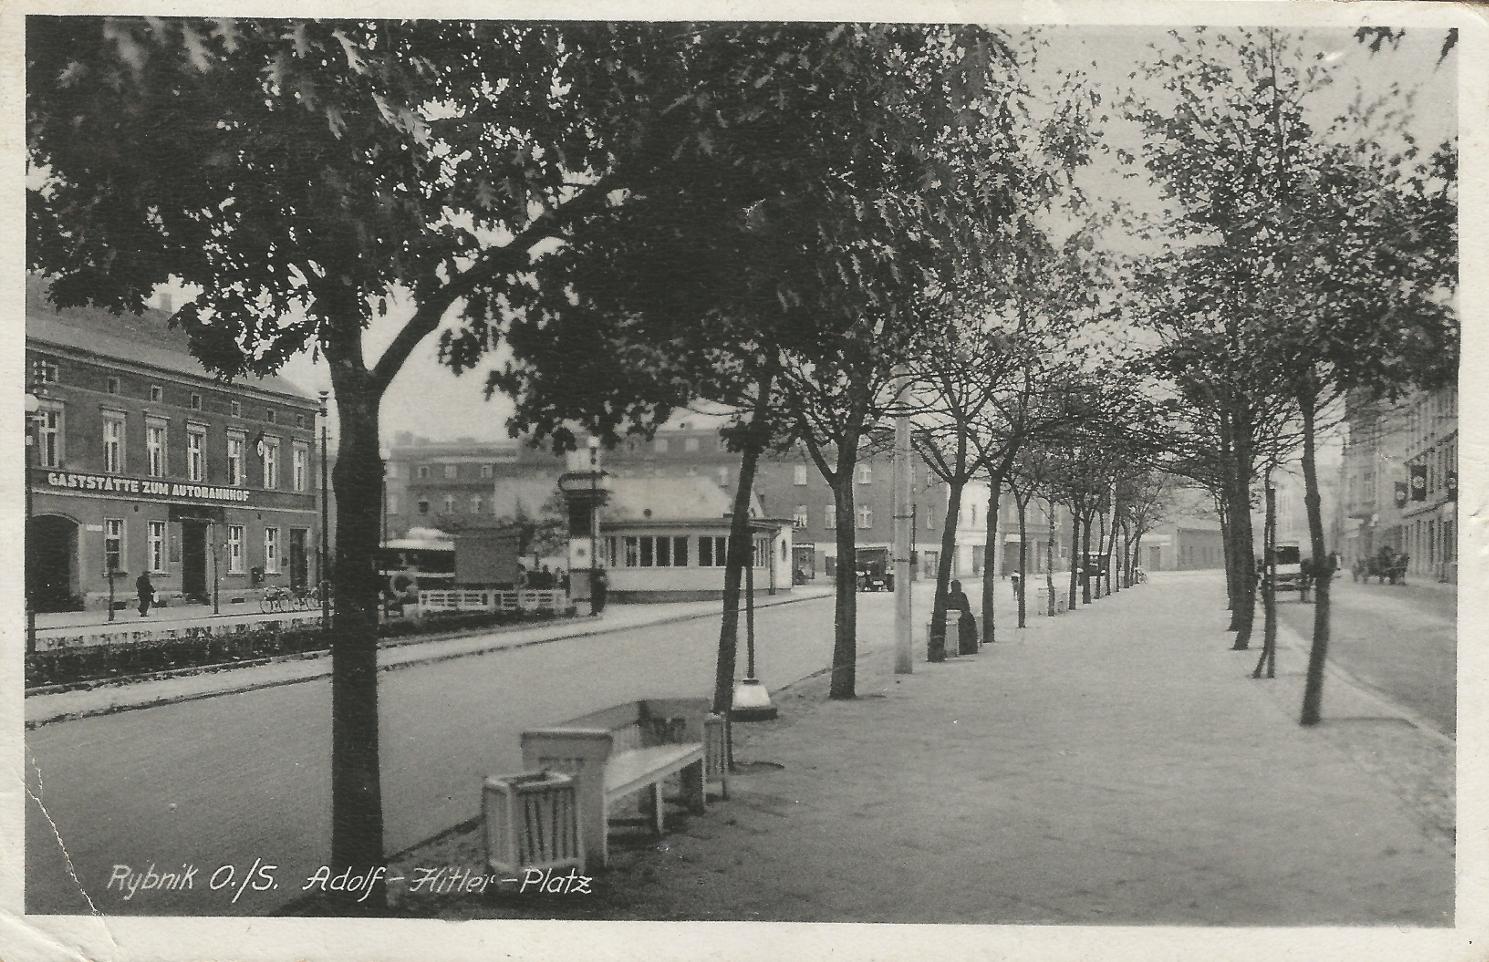 Rybnik - Adolf-Hitler-Platz